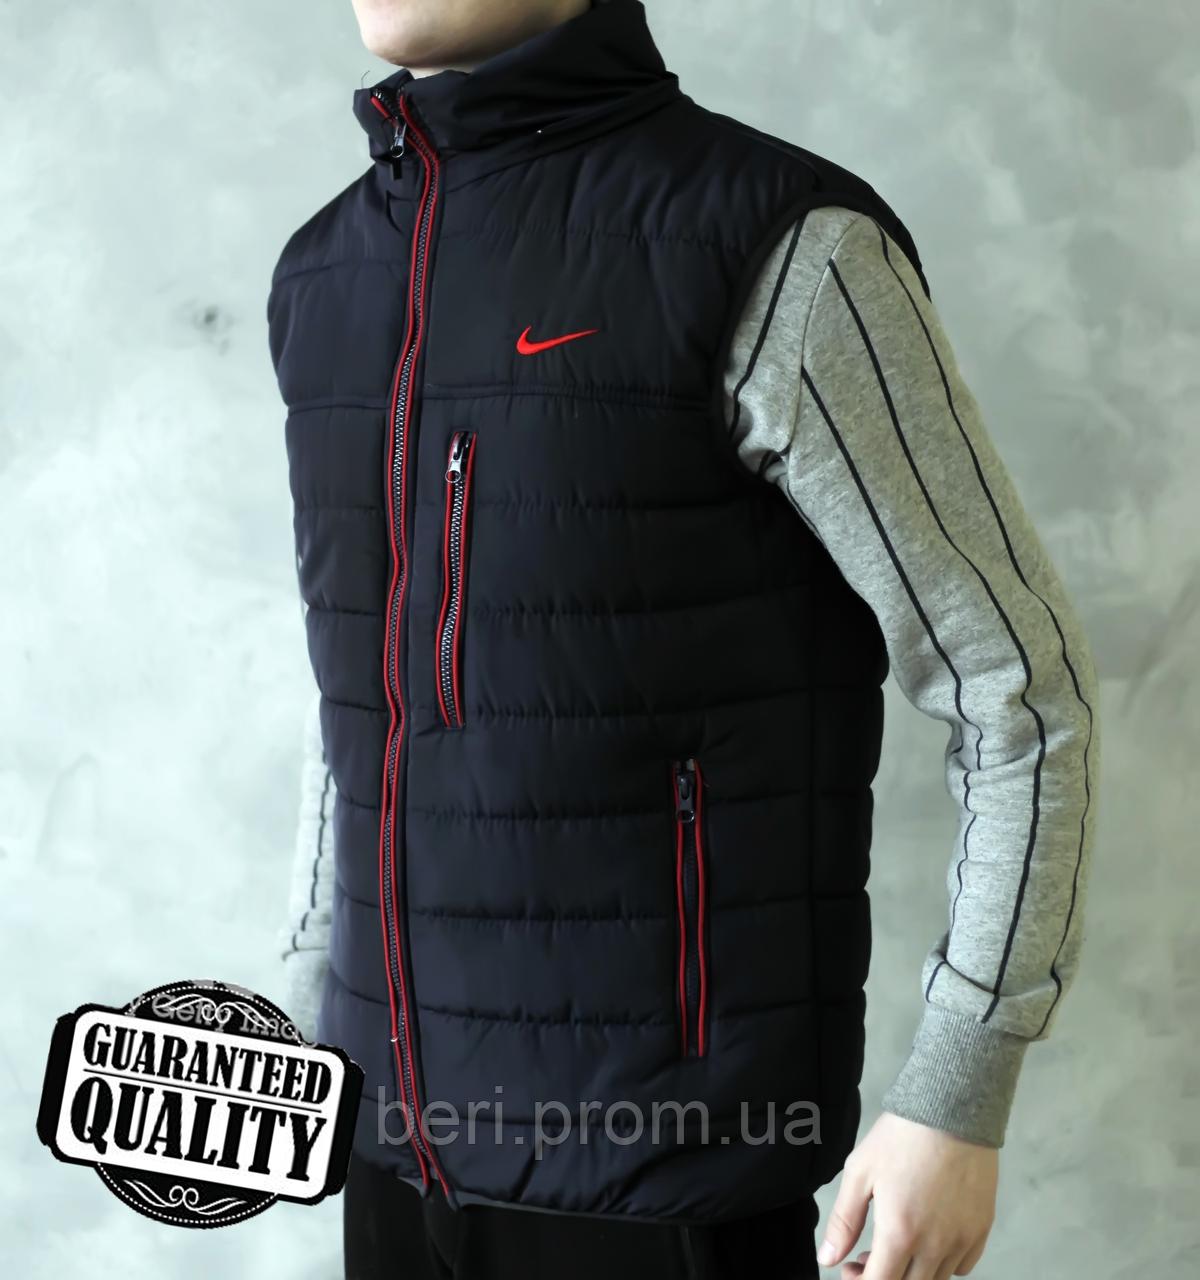 be426f9d Мужской жилет Nike | Чоловічий жилет Найк (Черно-Красный), цена 570 ...